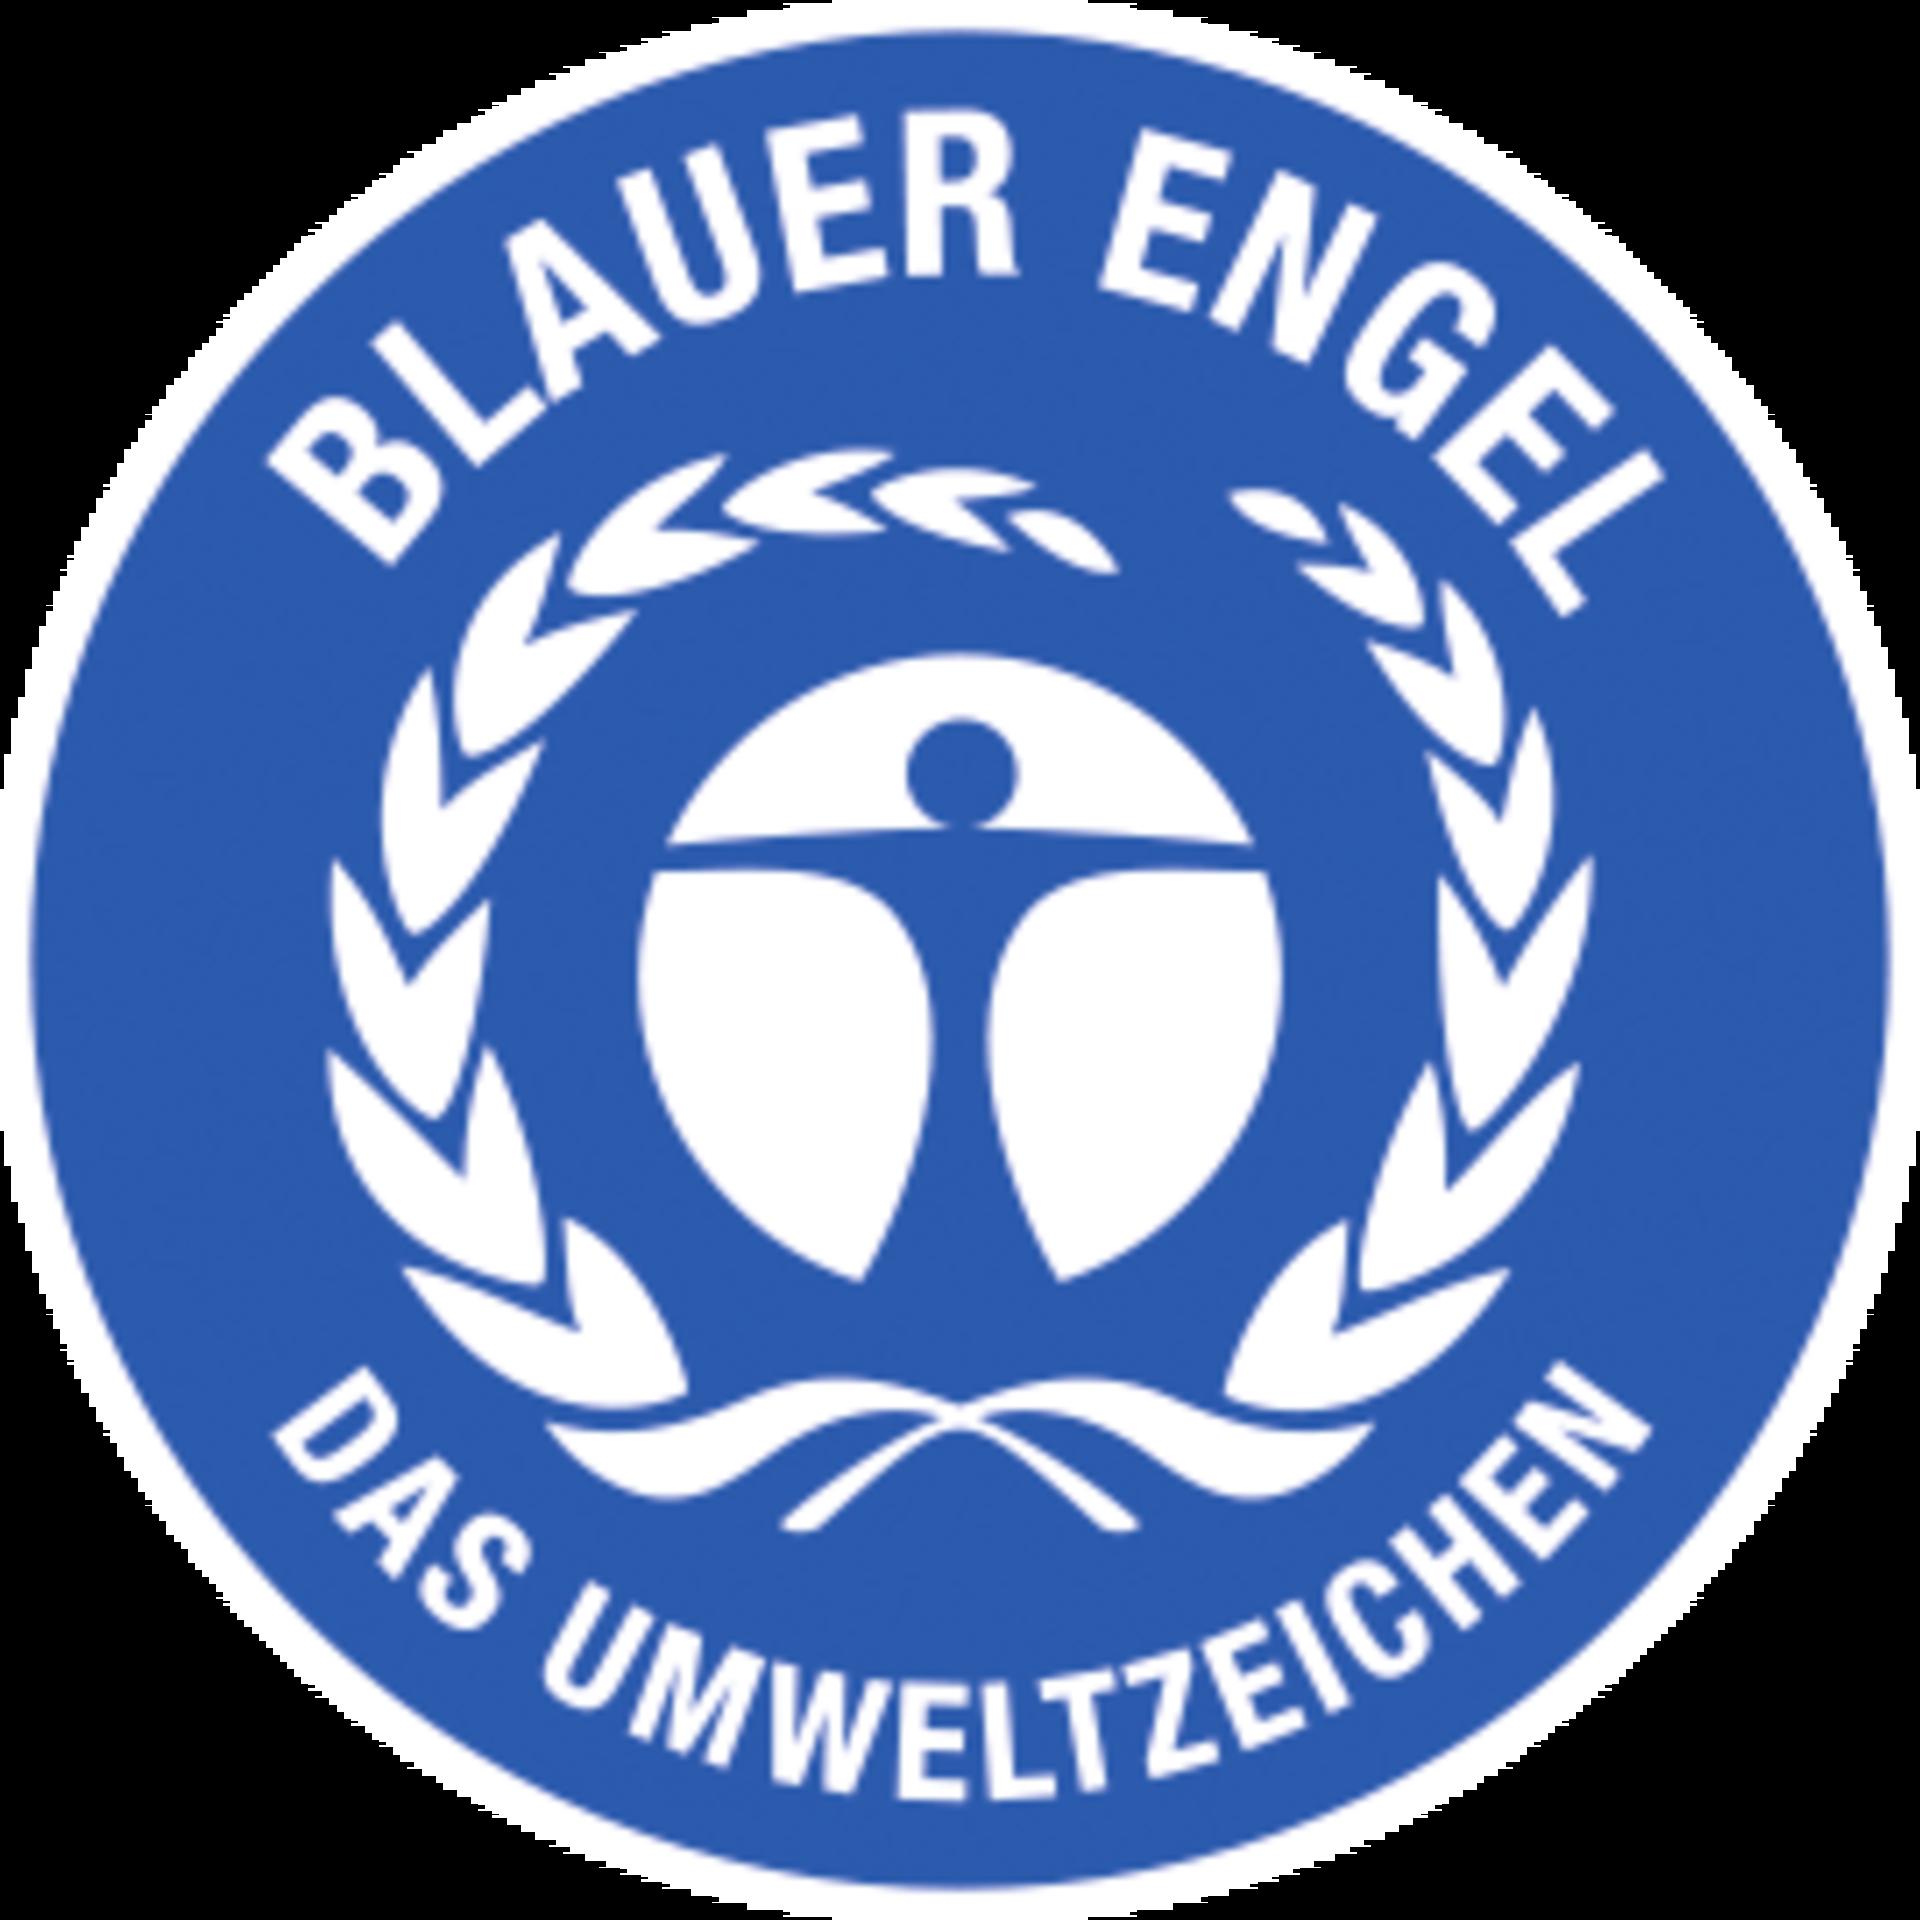 blauer-engel-2018-fan_clipping